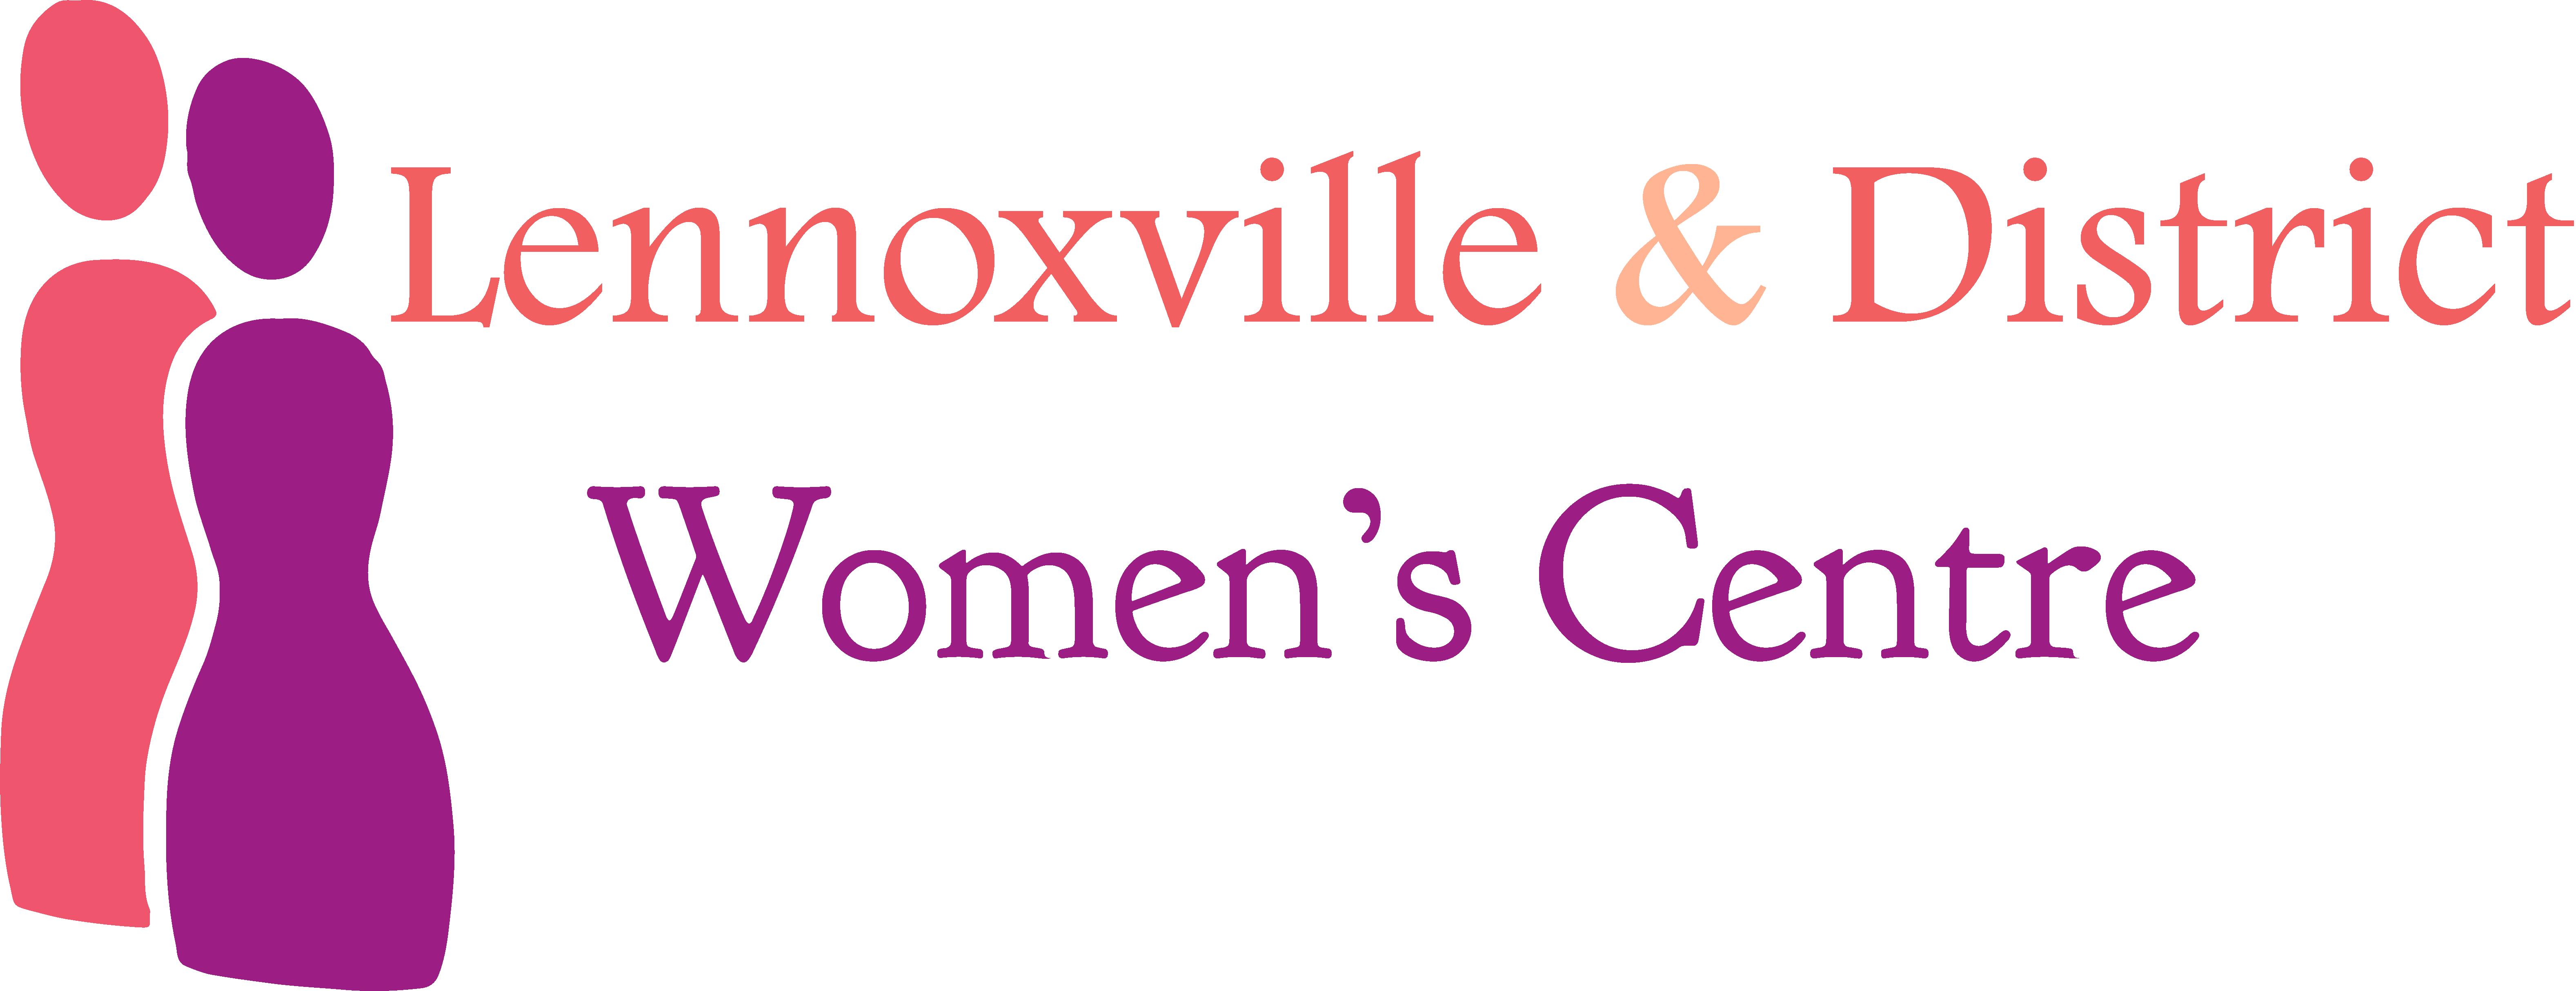 Lennoxville & District Women's Centre